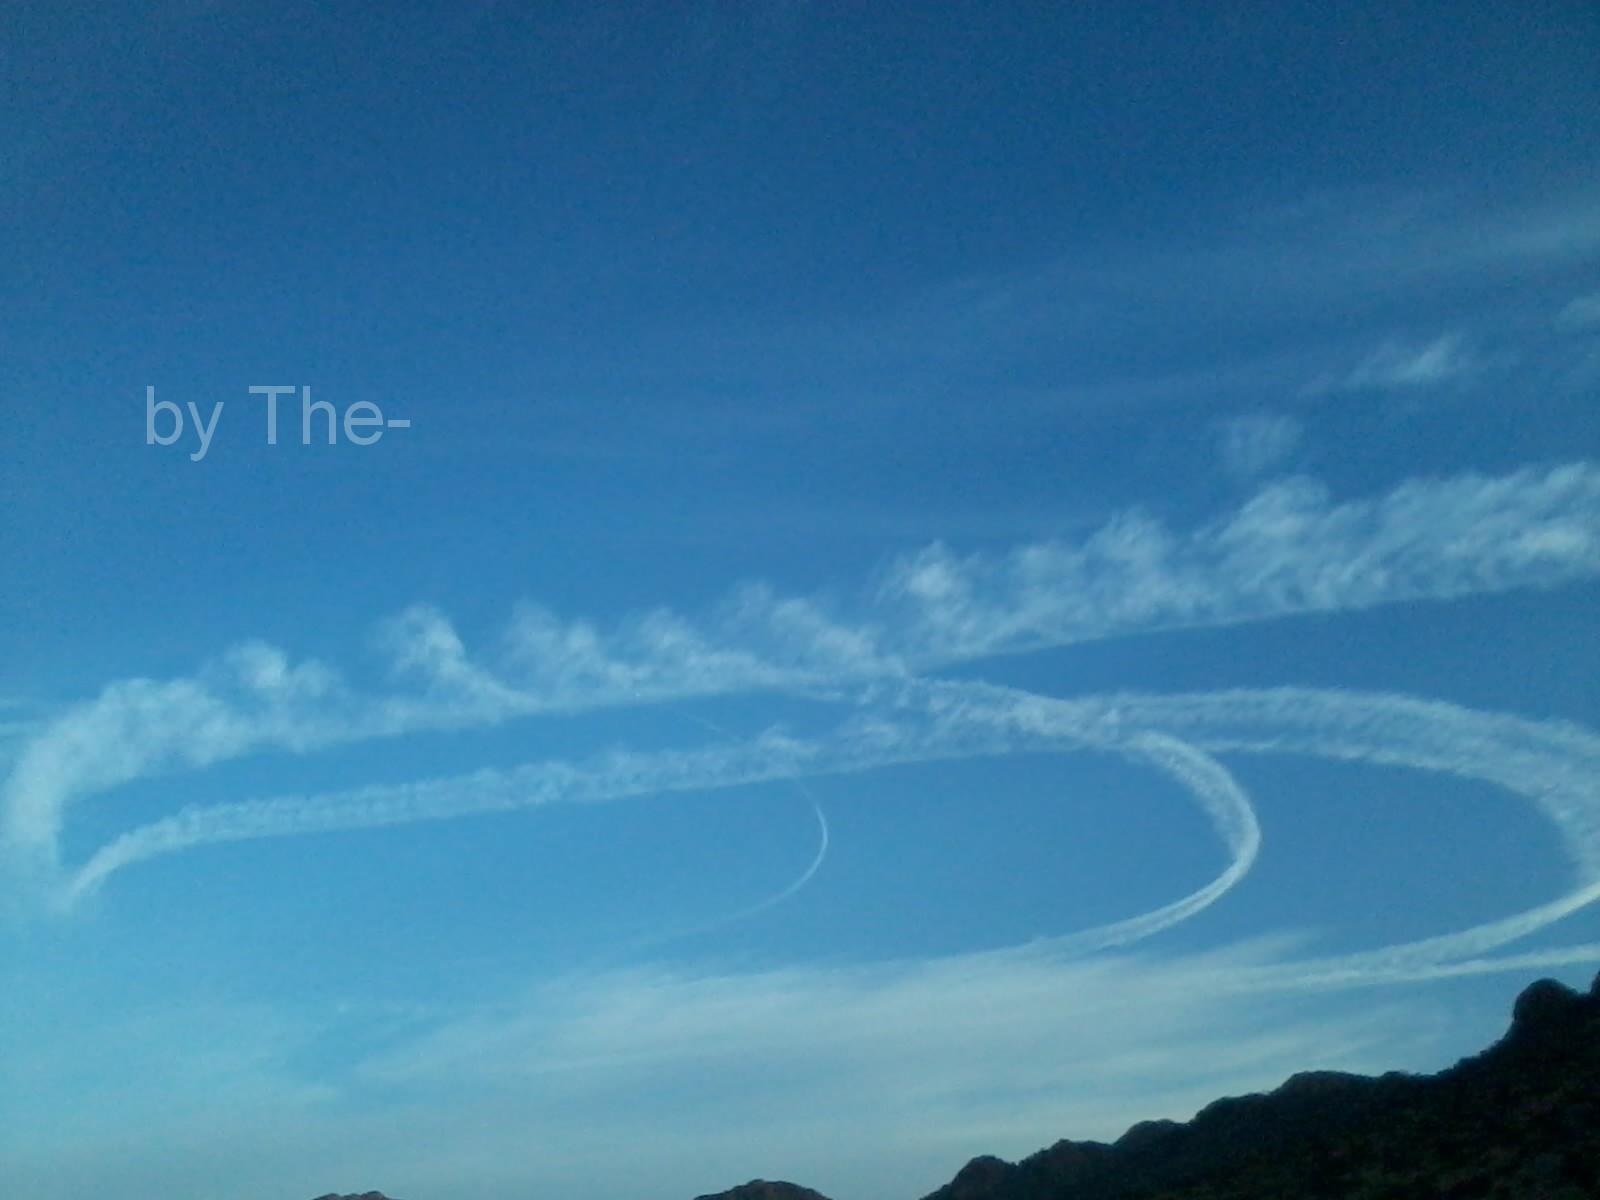 معلومات جديدة حول الطائرة المحلقة بسماء تيزنيت / مرفق بصور